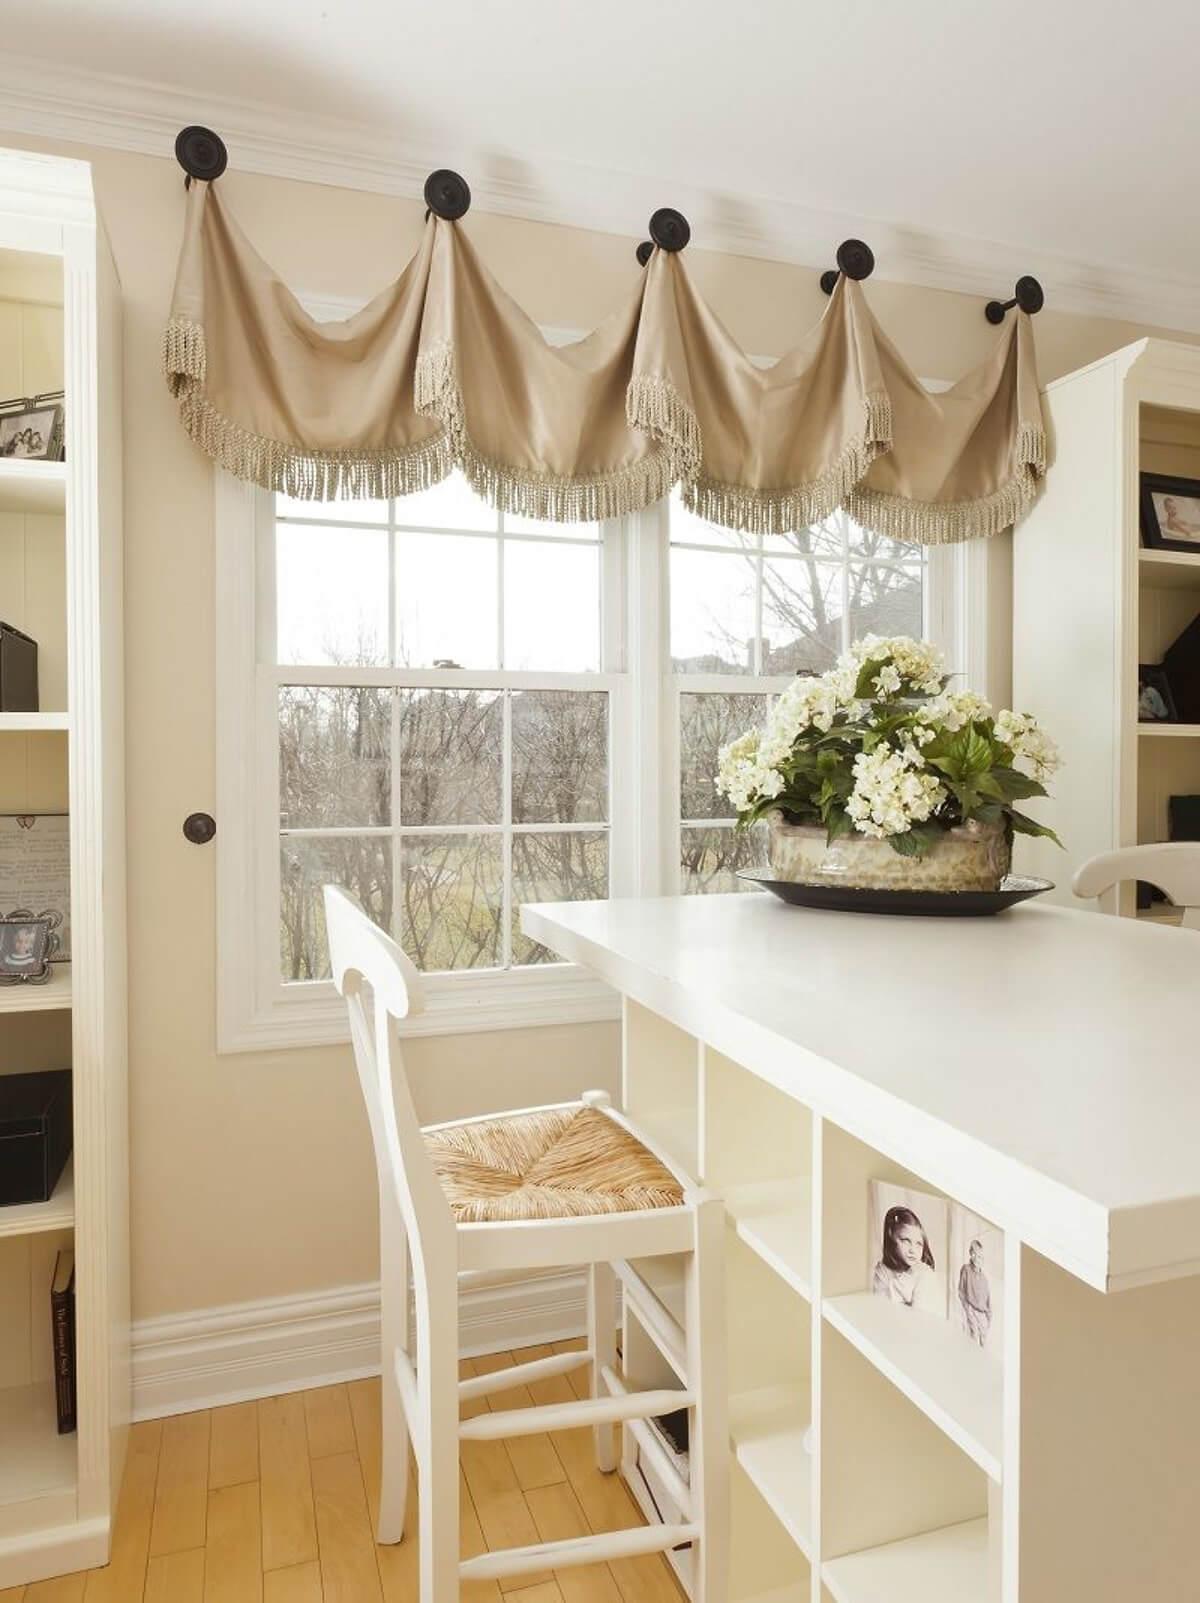 26 Best Farmhouse Window Treatment Ideas and Designs for 2020 on Farmhouse Curtain Ideas  id=95741